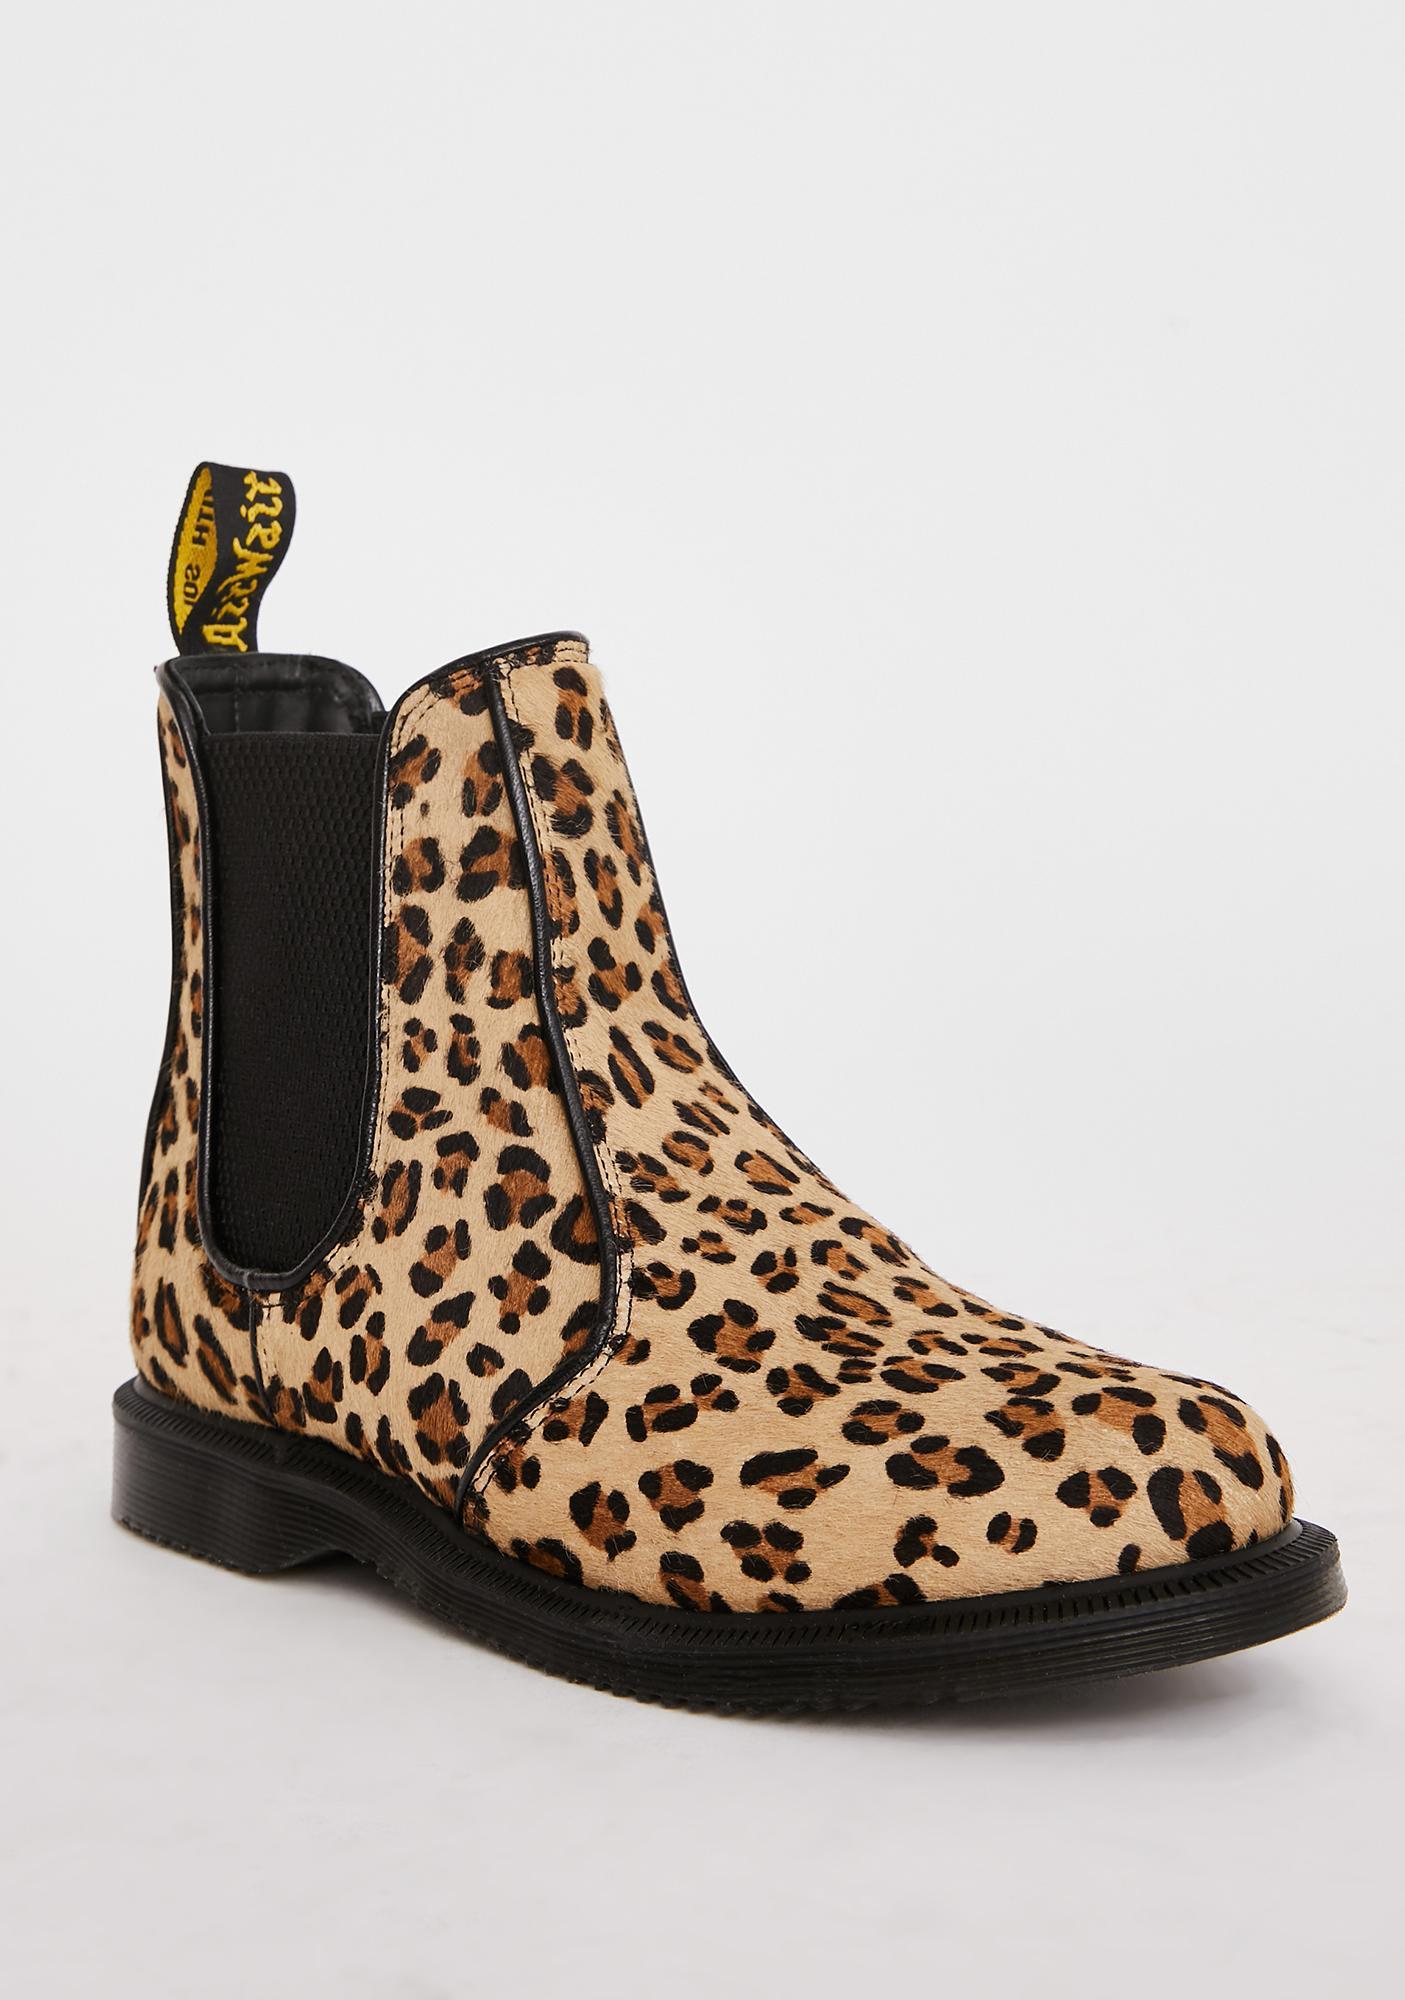 Dr. Martens Flora Leopard Chelsea Boots